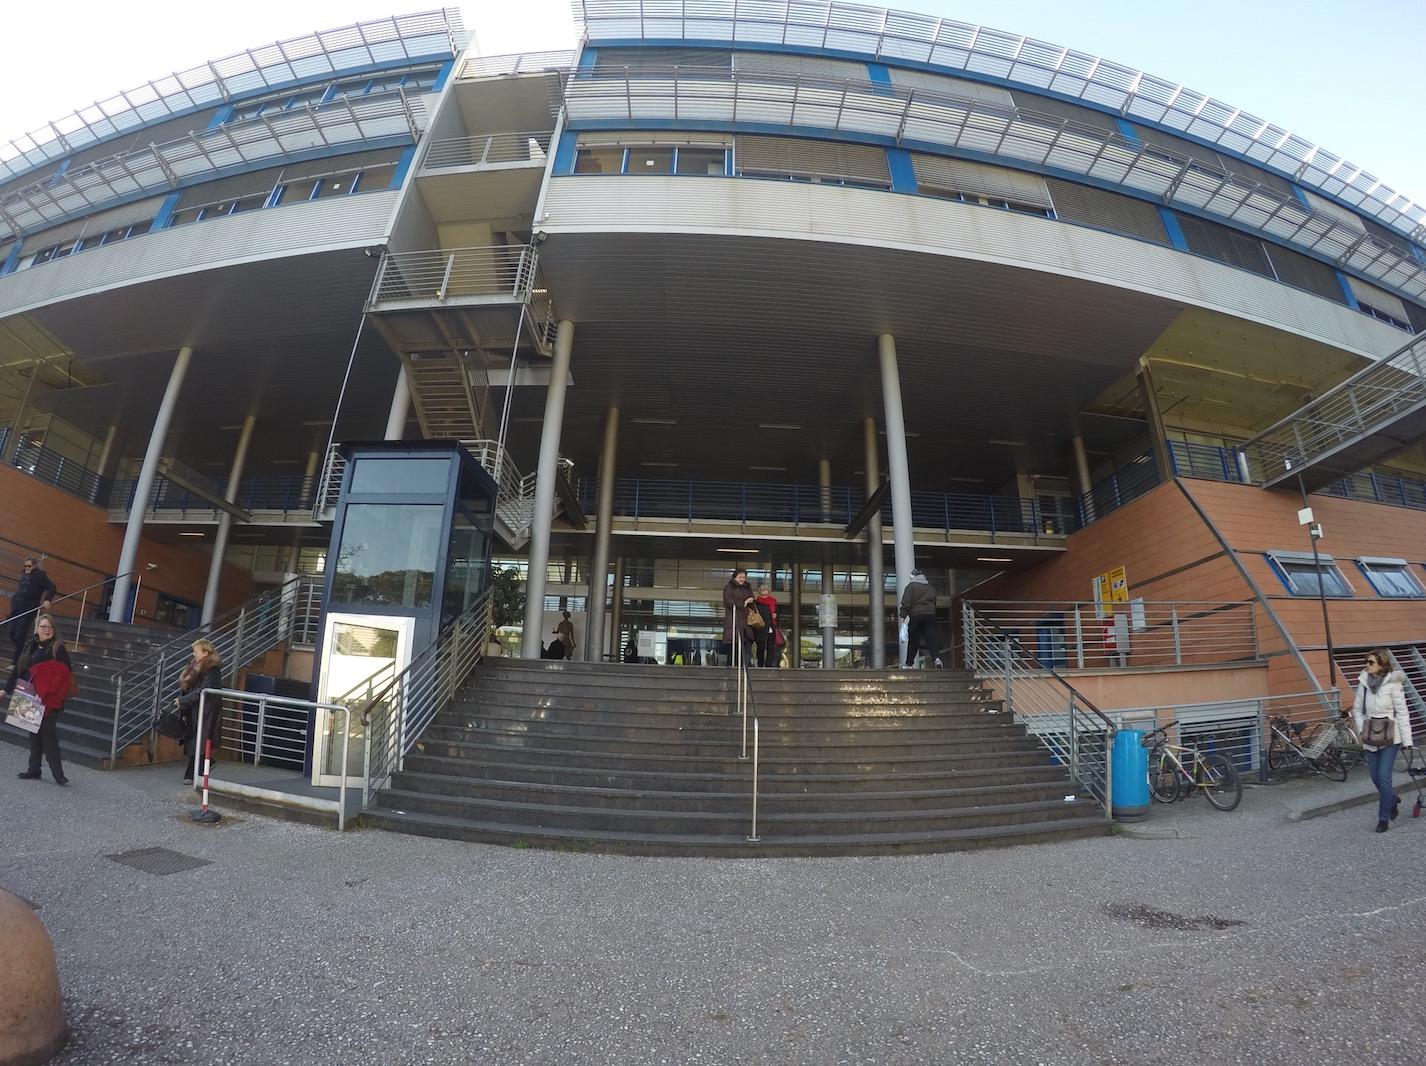 Carabinieri Befana per un giorno all'ospedale Versilia